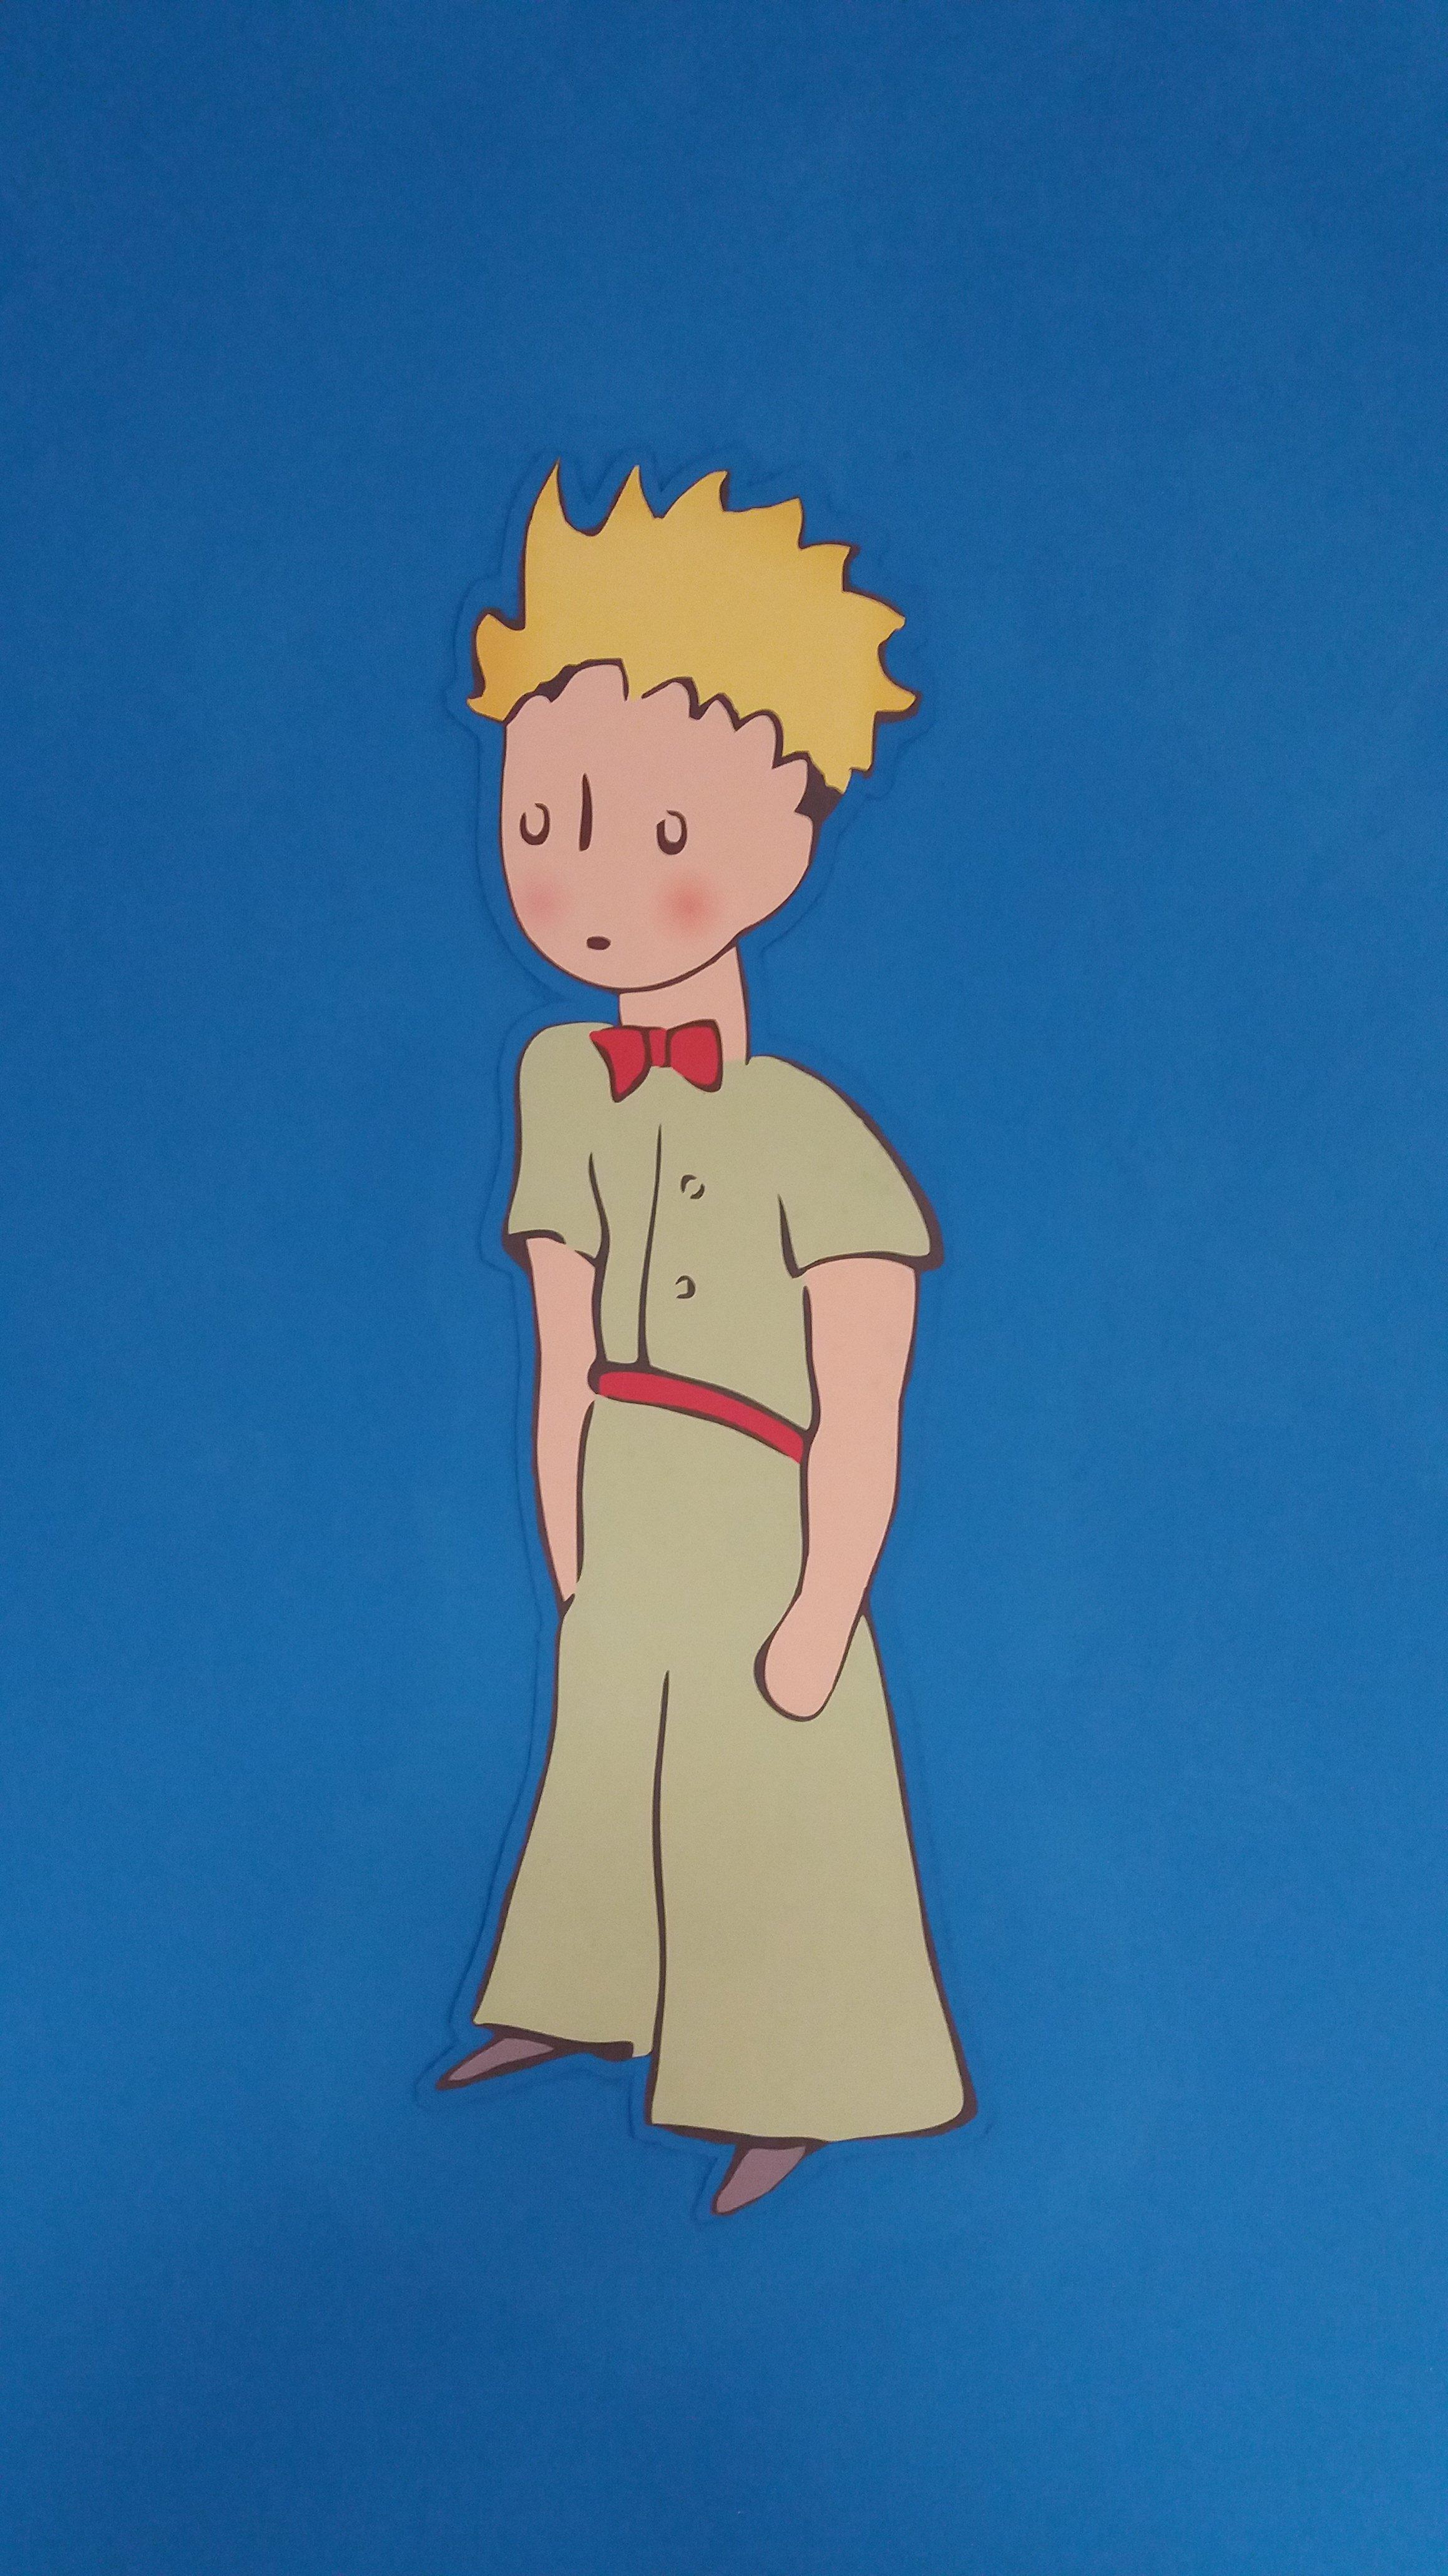 un disegno di un bambino su sfondo azzurro